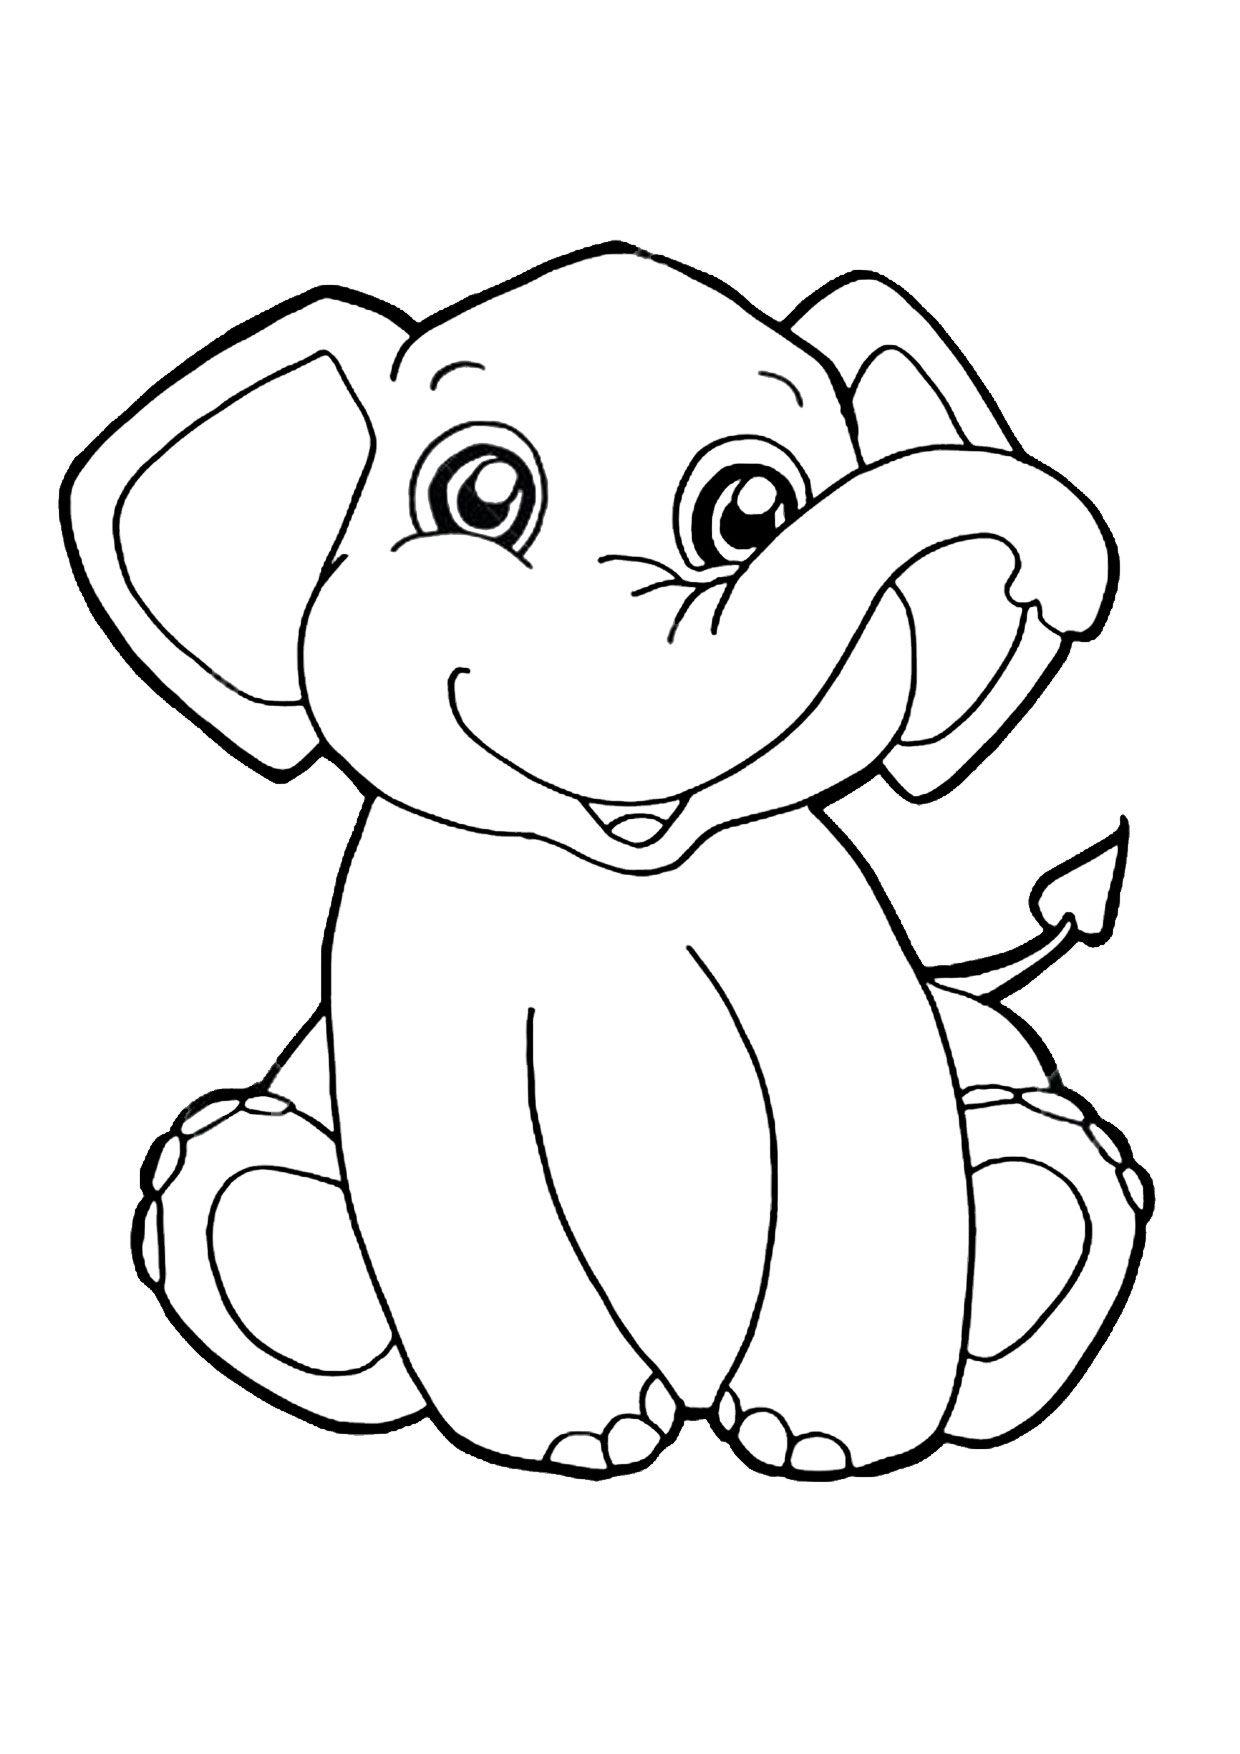 45 Disegni Di Elefanti Da Colorare Bambini Da Colorare Immagini